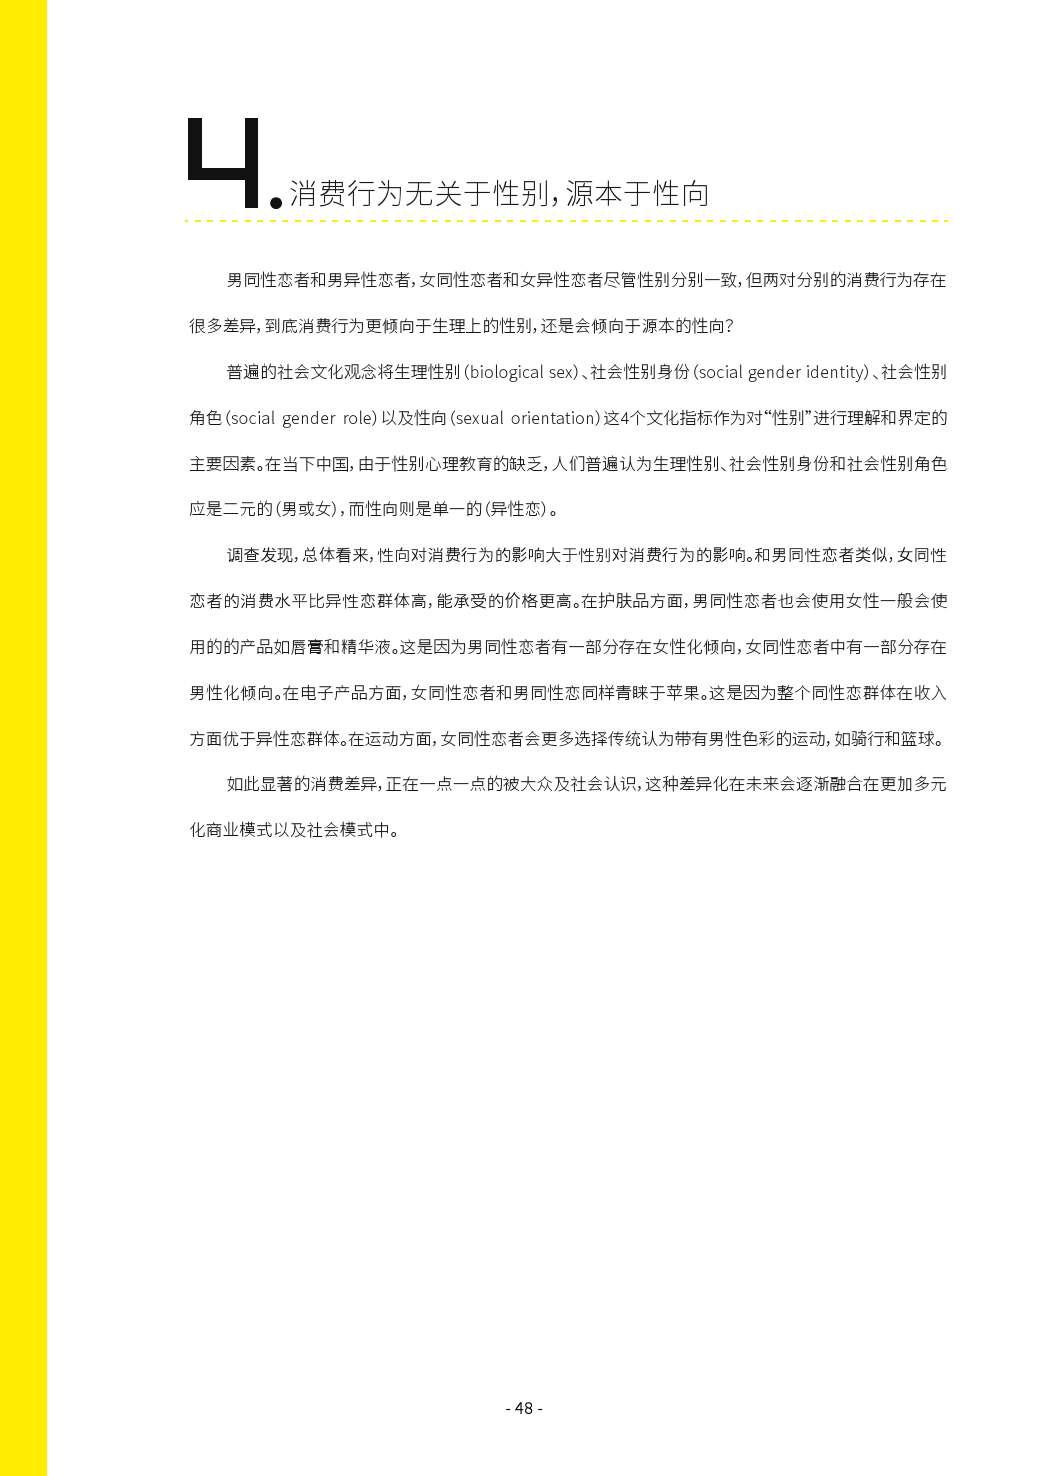 第二届中国LGBT群体消费调查报告_000048